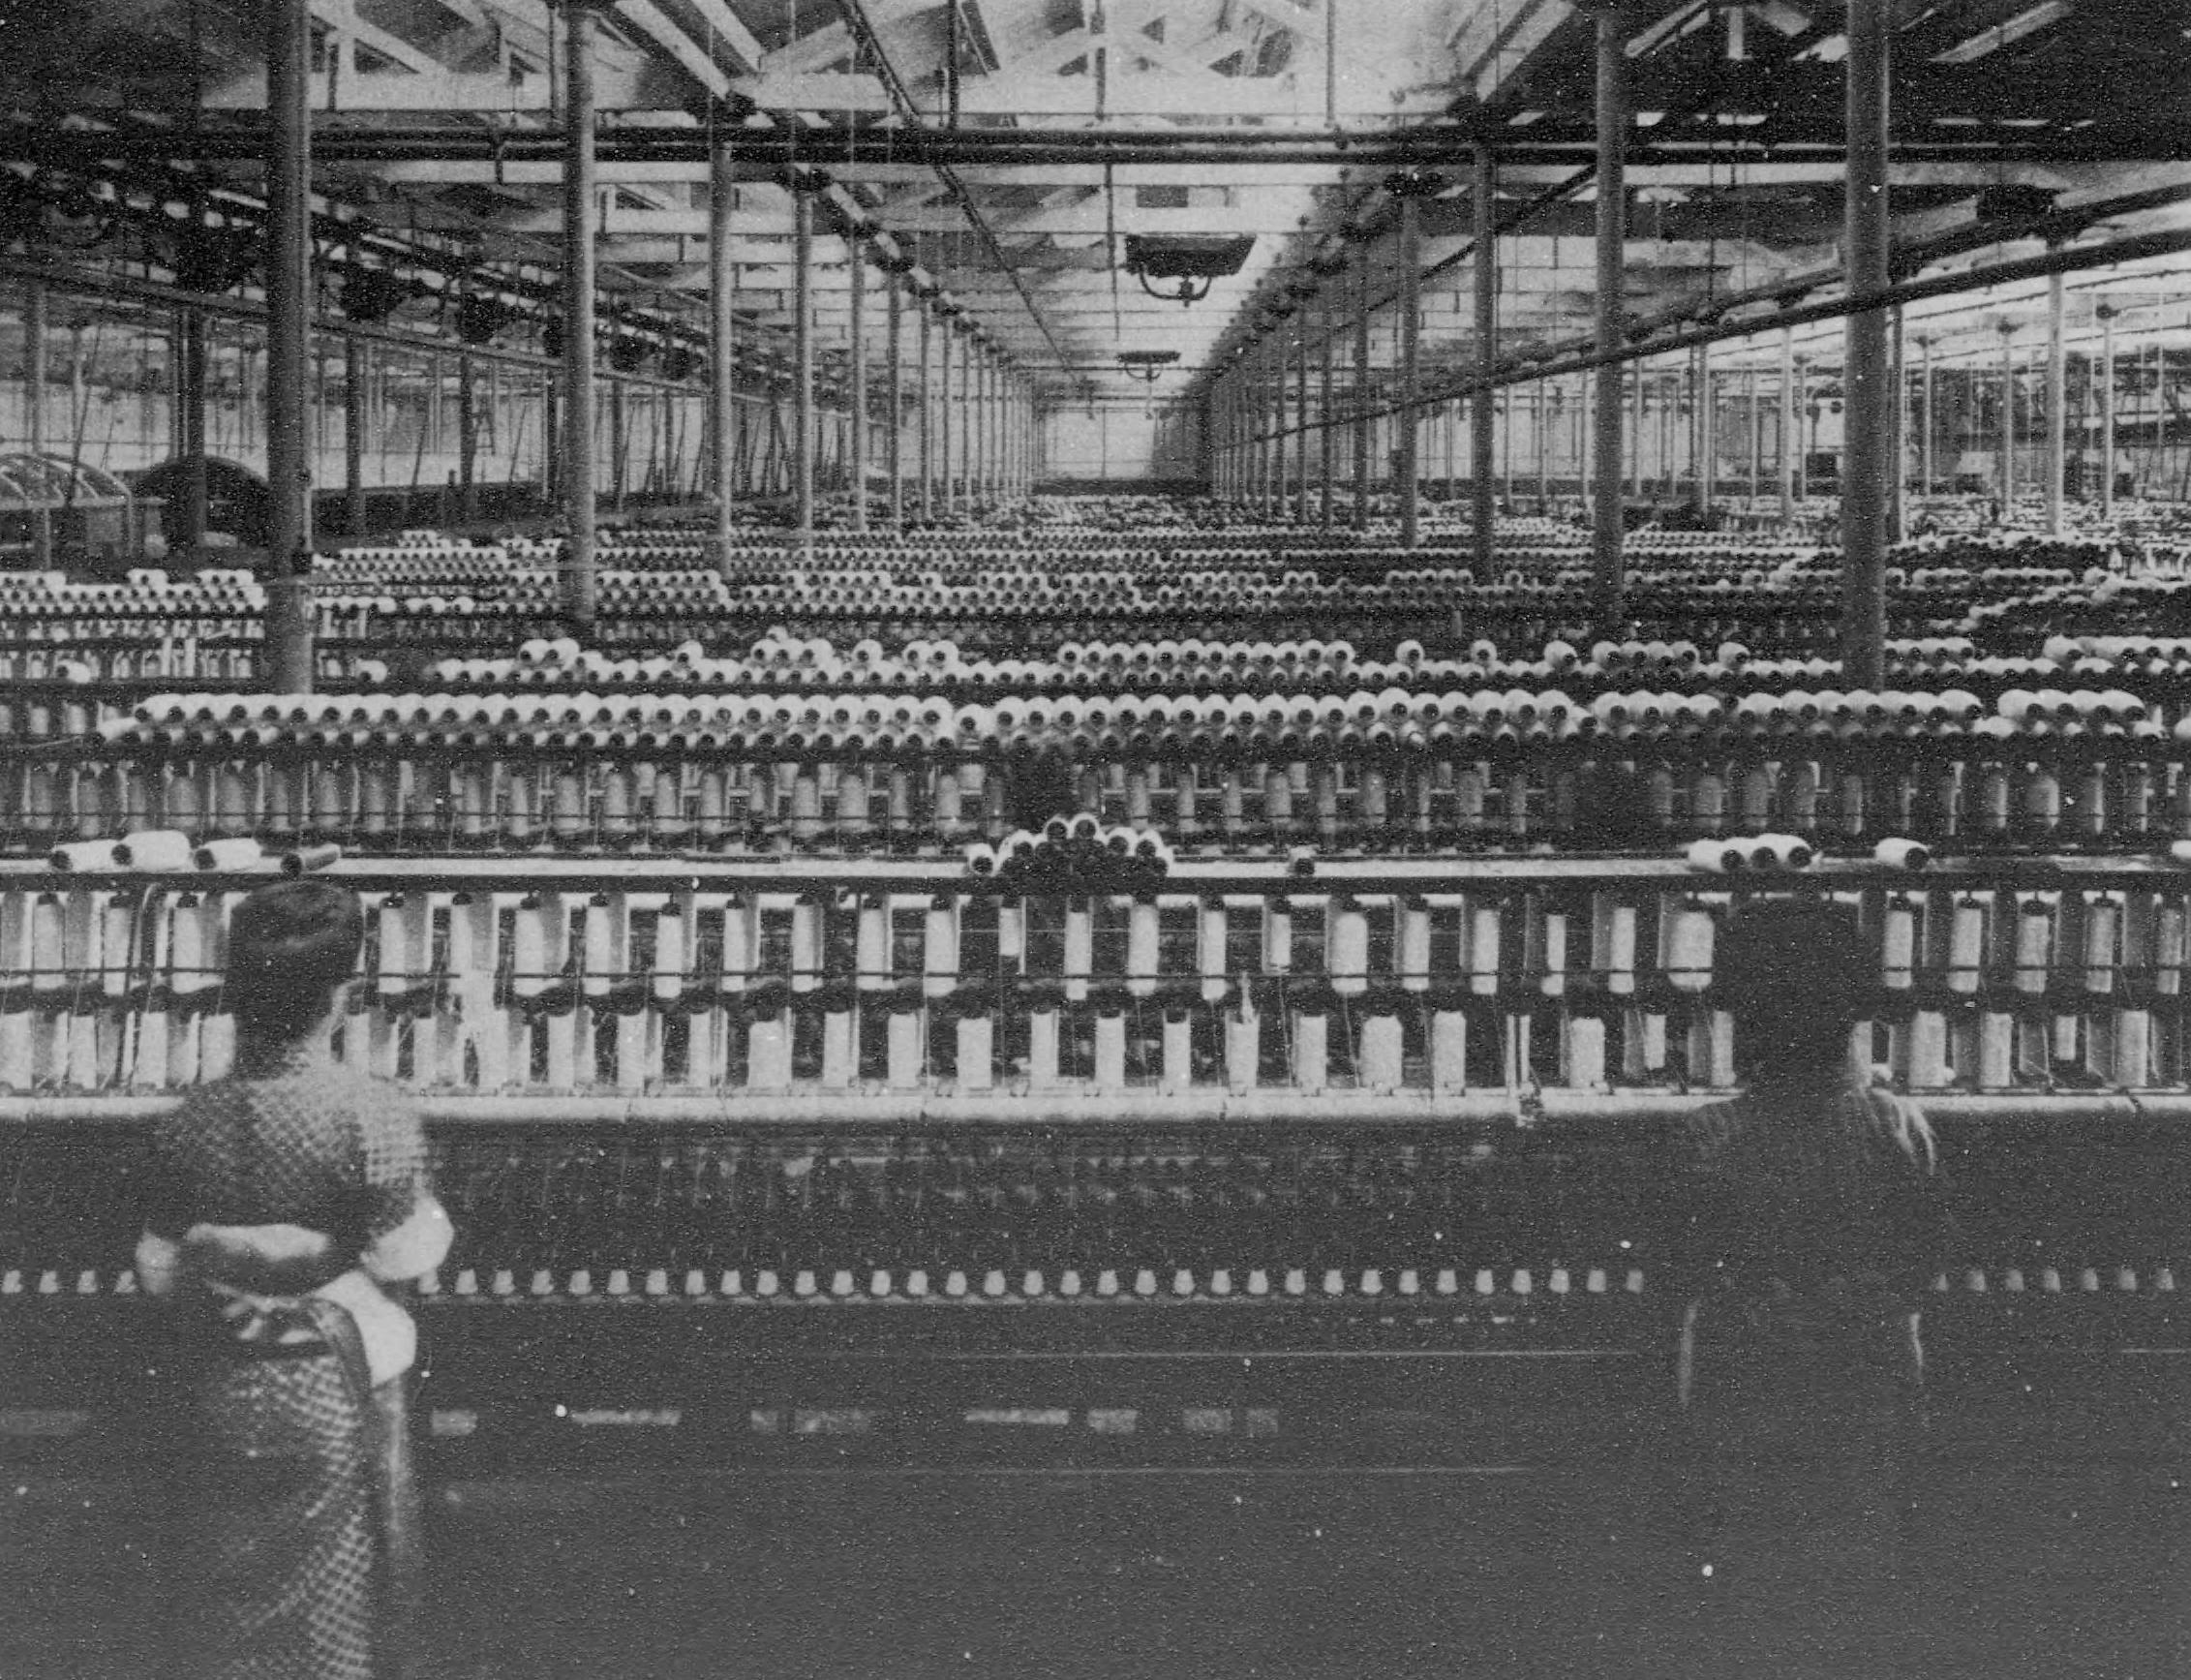 渋沢栄一が手がけた大阪紡績(現・東洋紡)。彼の合理的な判断が奏功し、紡績という産業が大きく成長した。(写真:国立国会図書館)